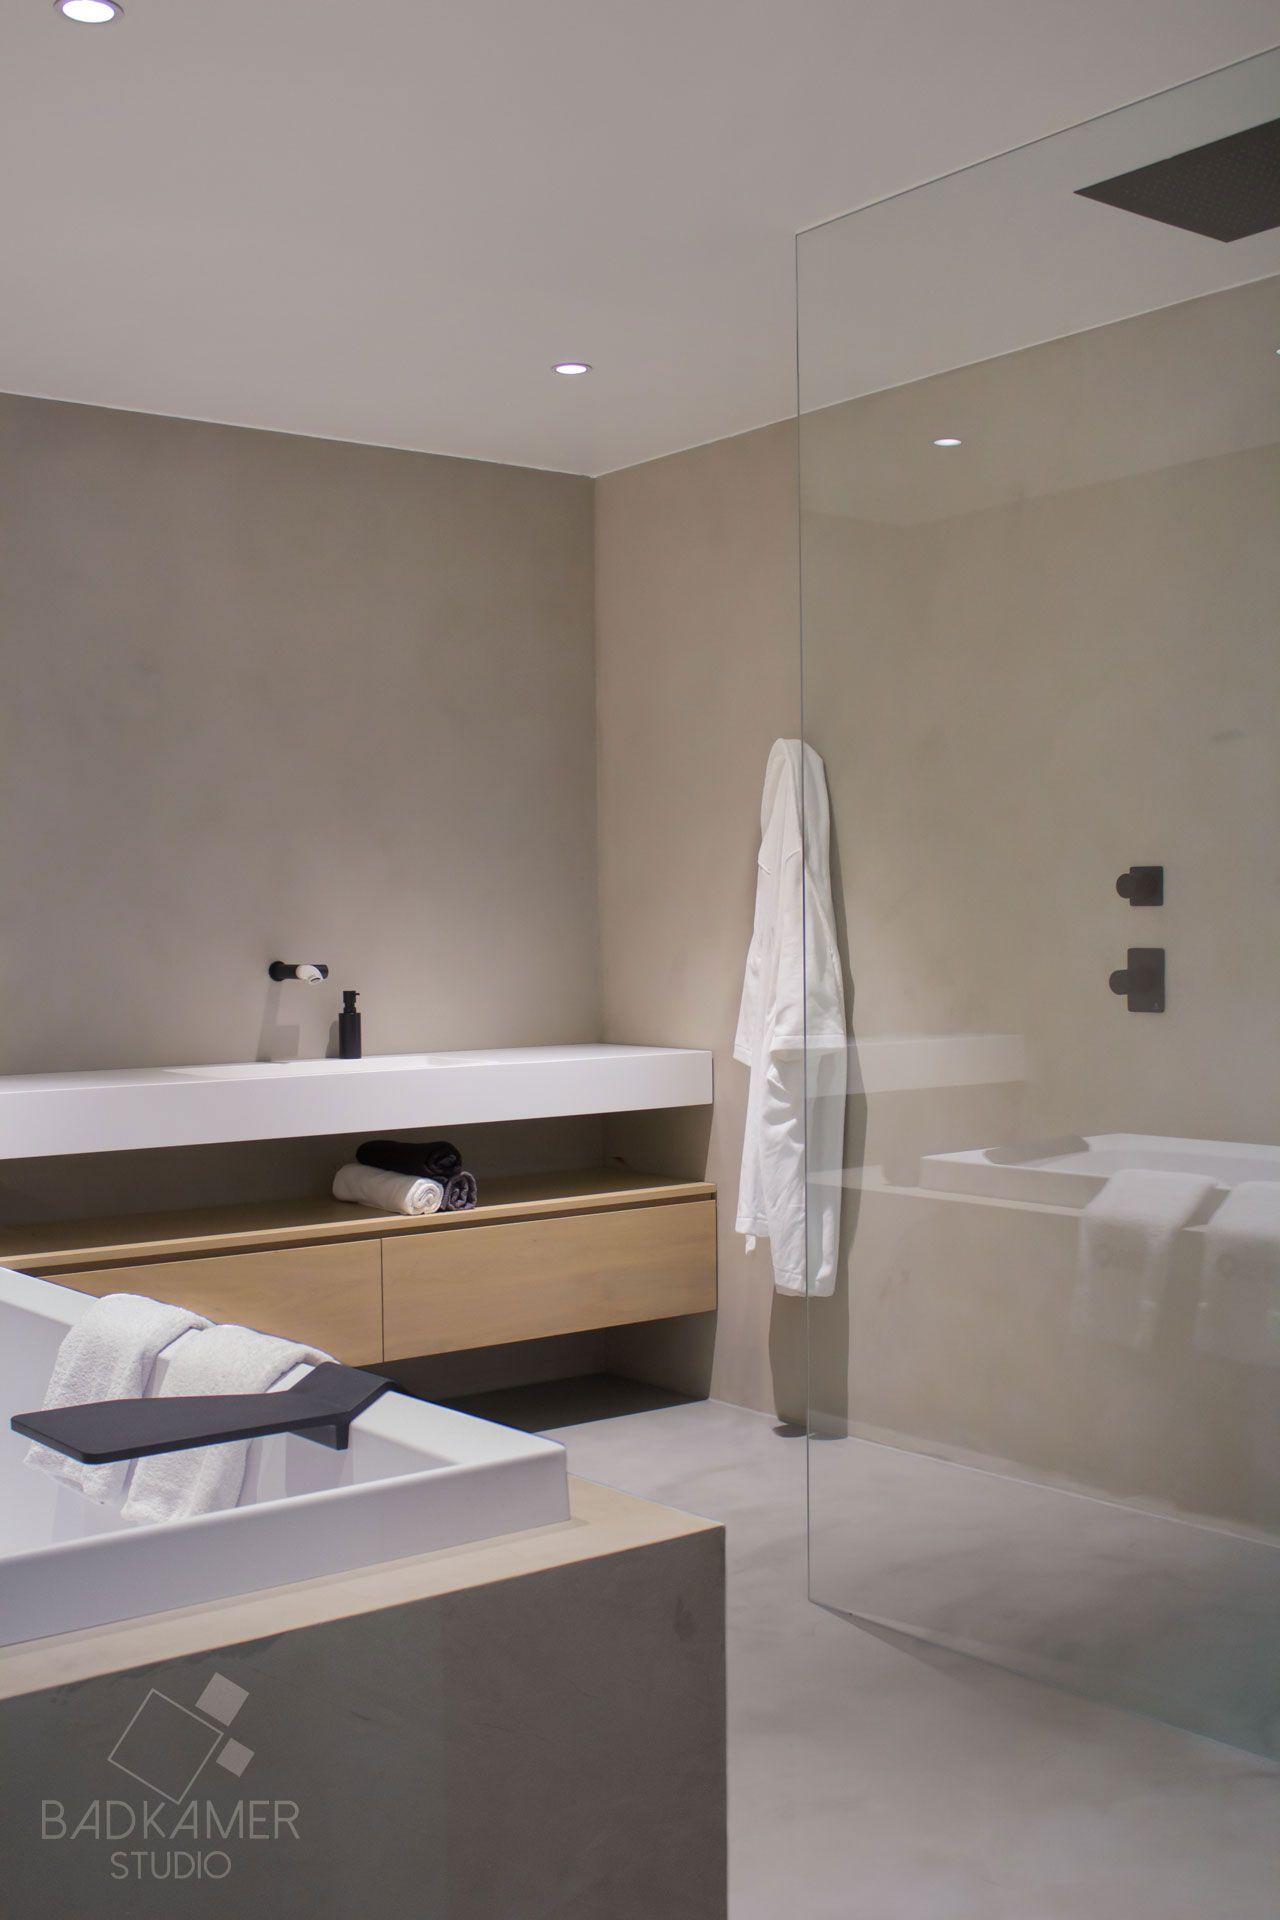 maatwerk badkamer met micro beton beton cirà op de vloer muren